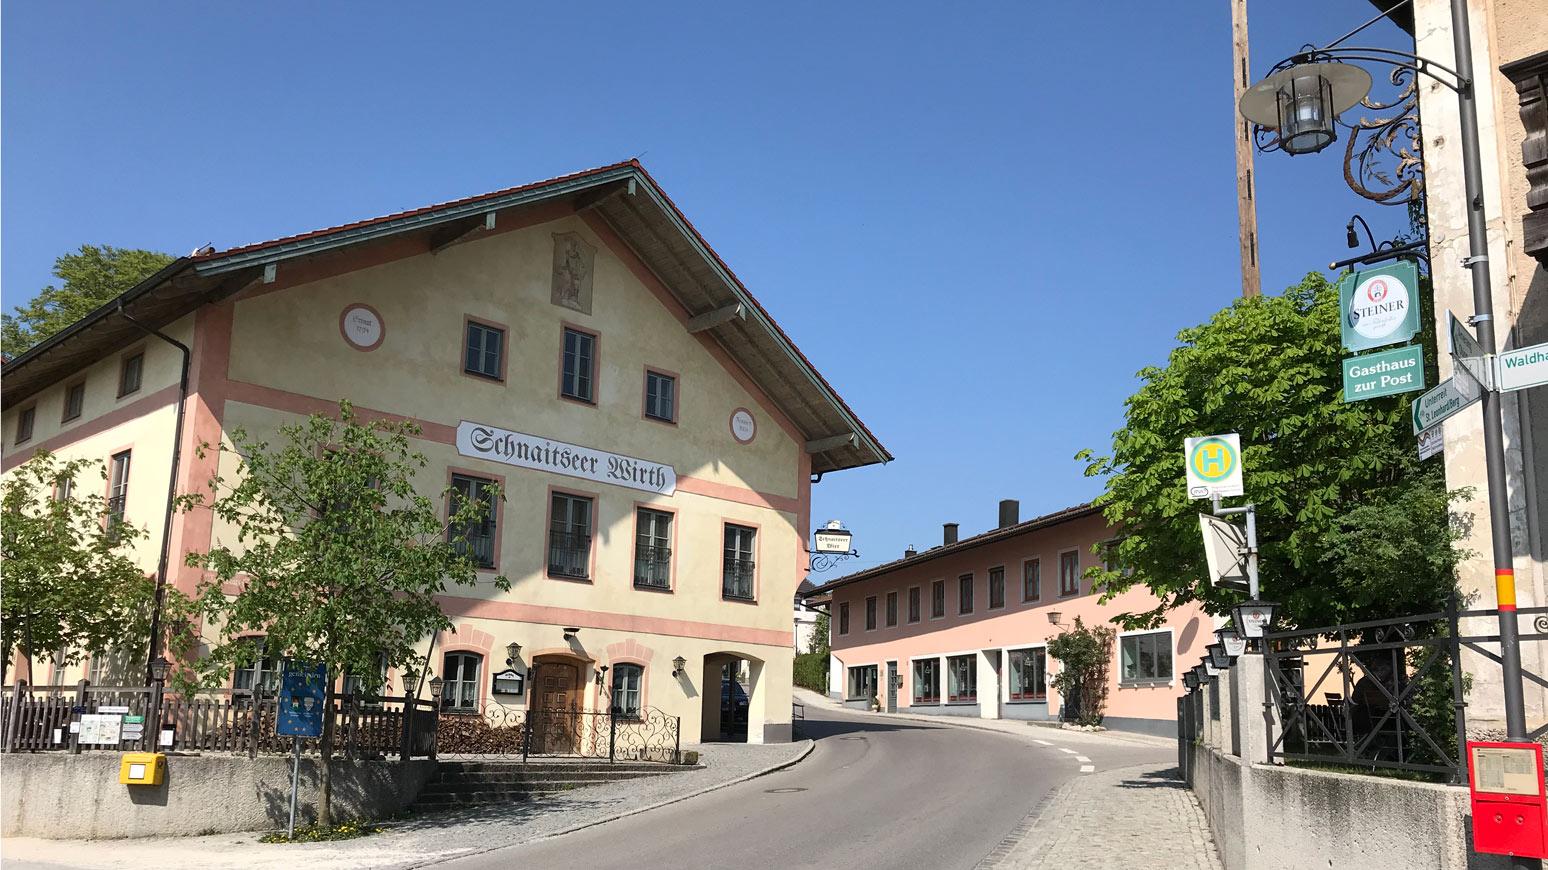 Schnaitsee